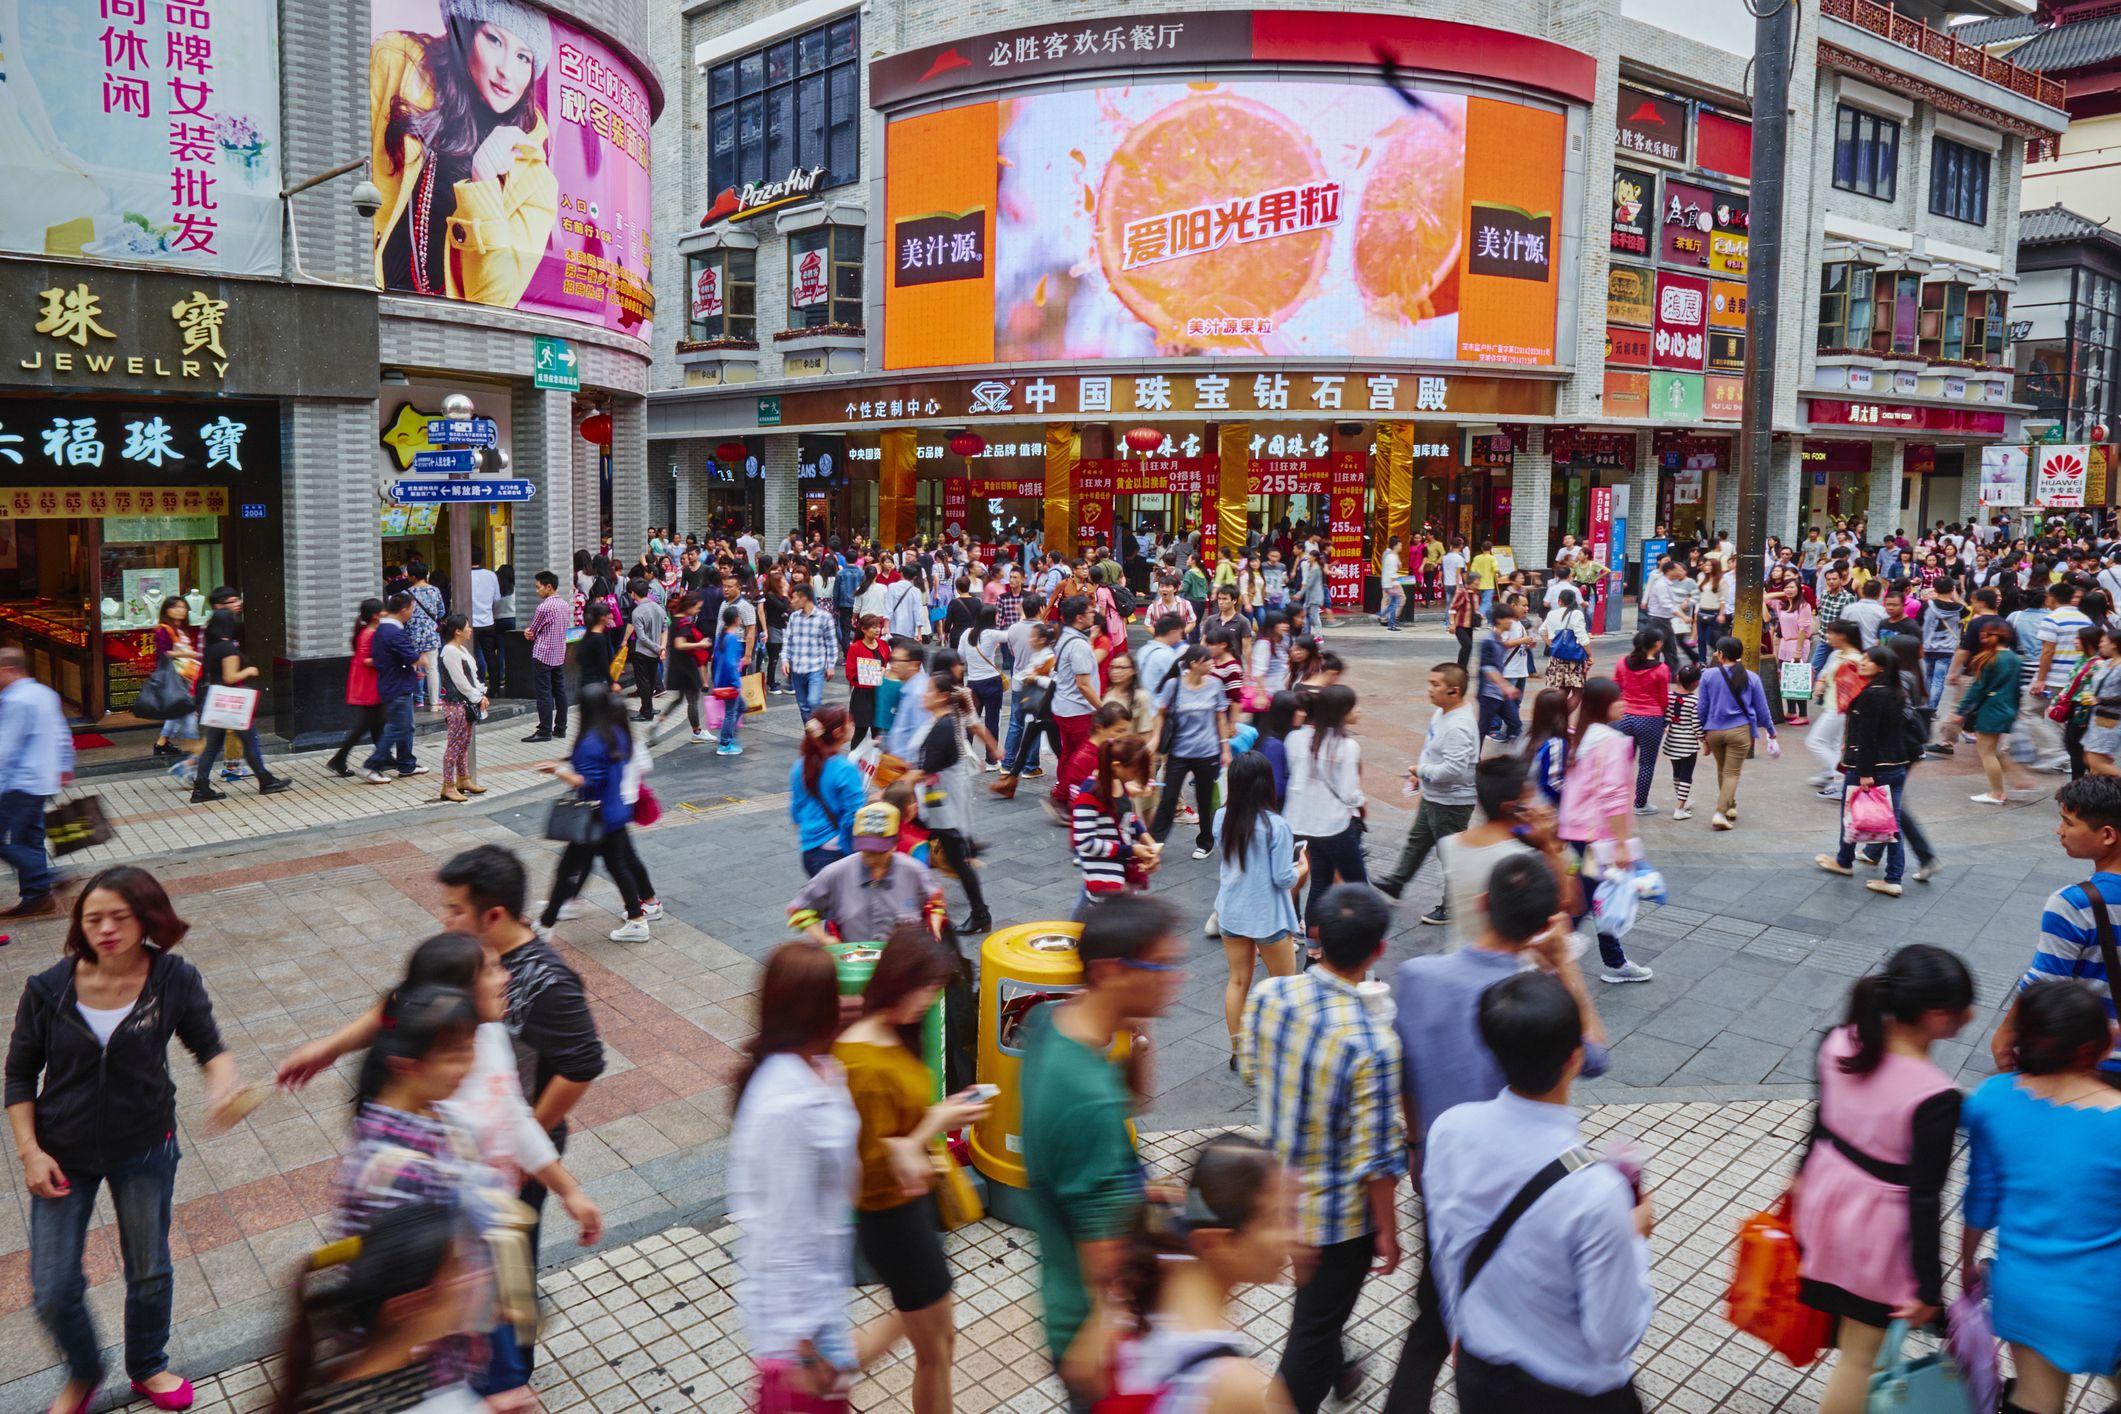 China, Shenzhen, Jiefang Lu street